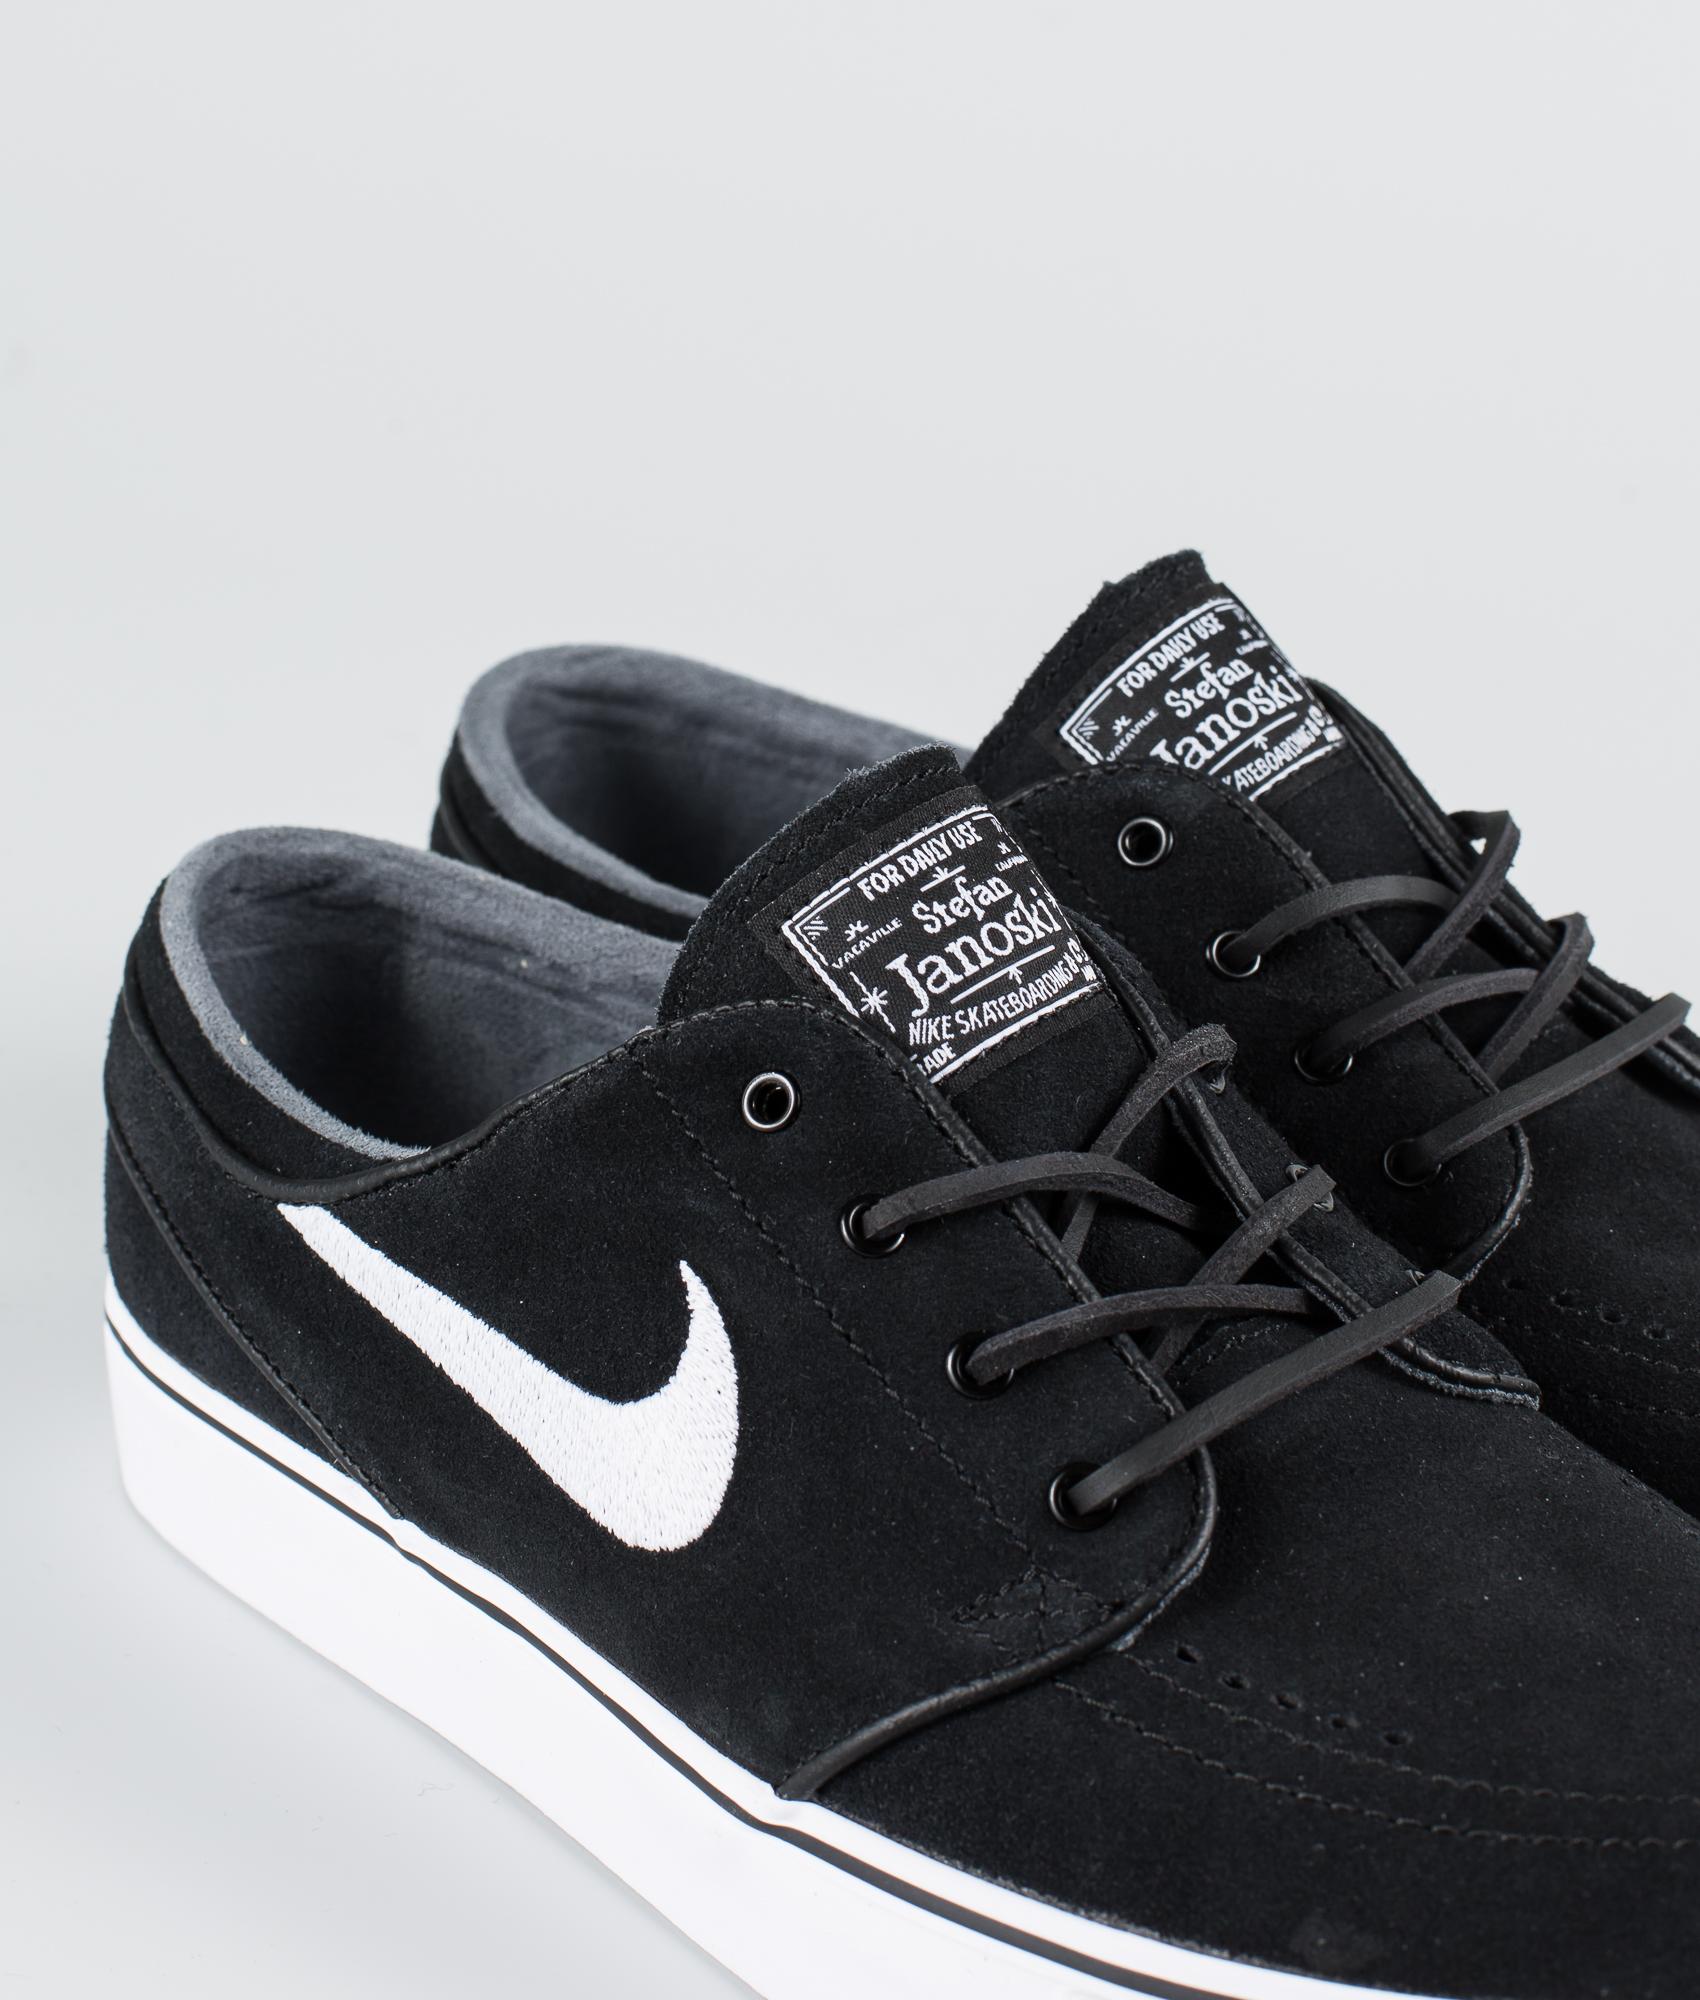 Nike Zoom Stefan Janoski Og Schuhe Black/White-Gum Light Brown